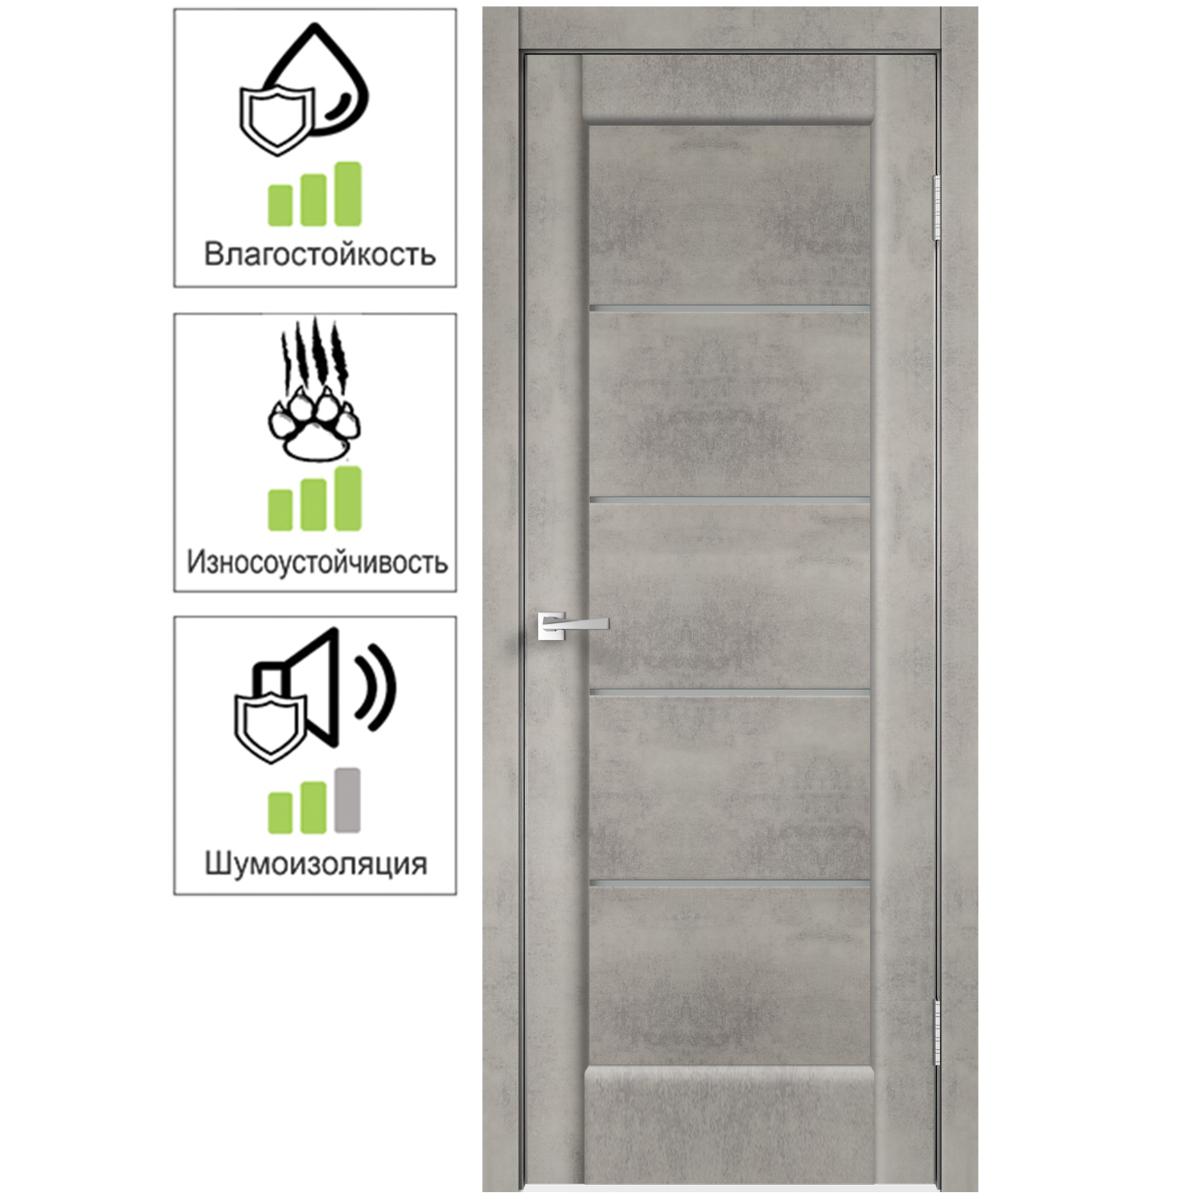 Дверь межкомнатная остеклённая «Сохо» 90x200 см ПВХ цвет лофт светлый с фурнитурой